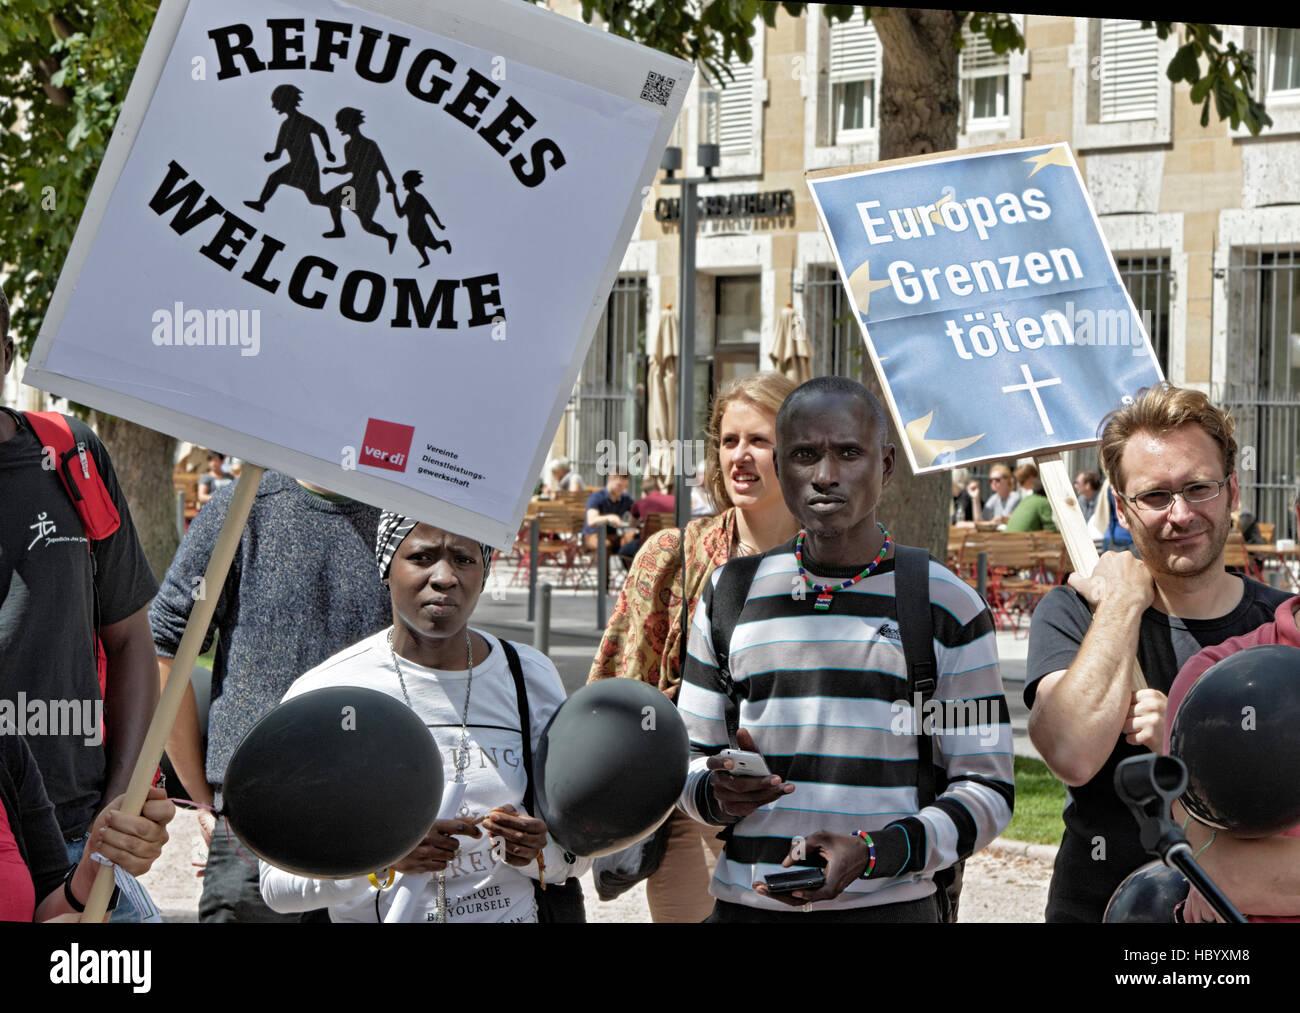 L'accueil des réfugiés de démonstration, Stuttgart, Bade-Wurtemberg, Allemagne Photo Stock